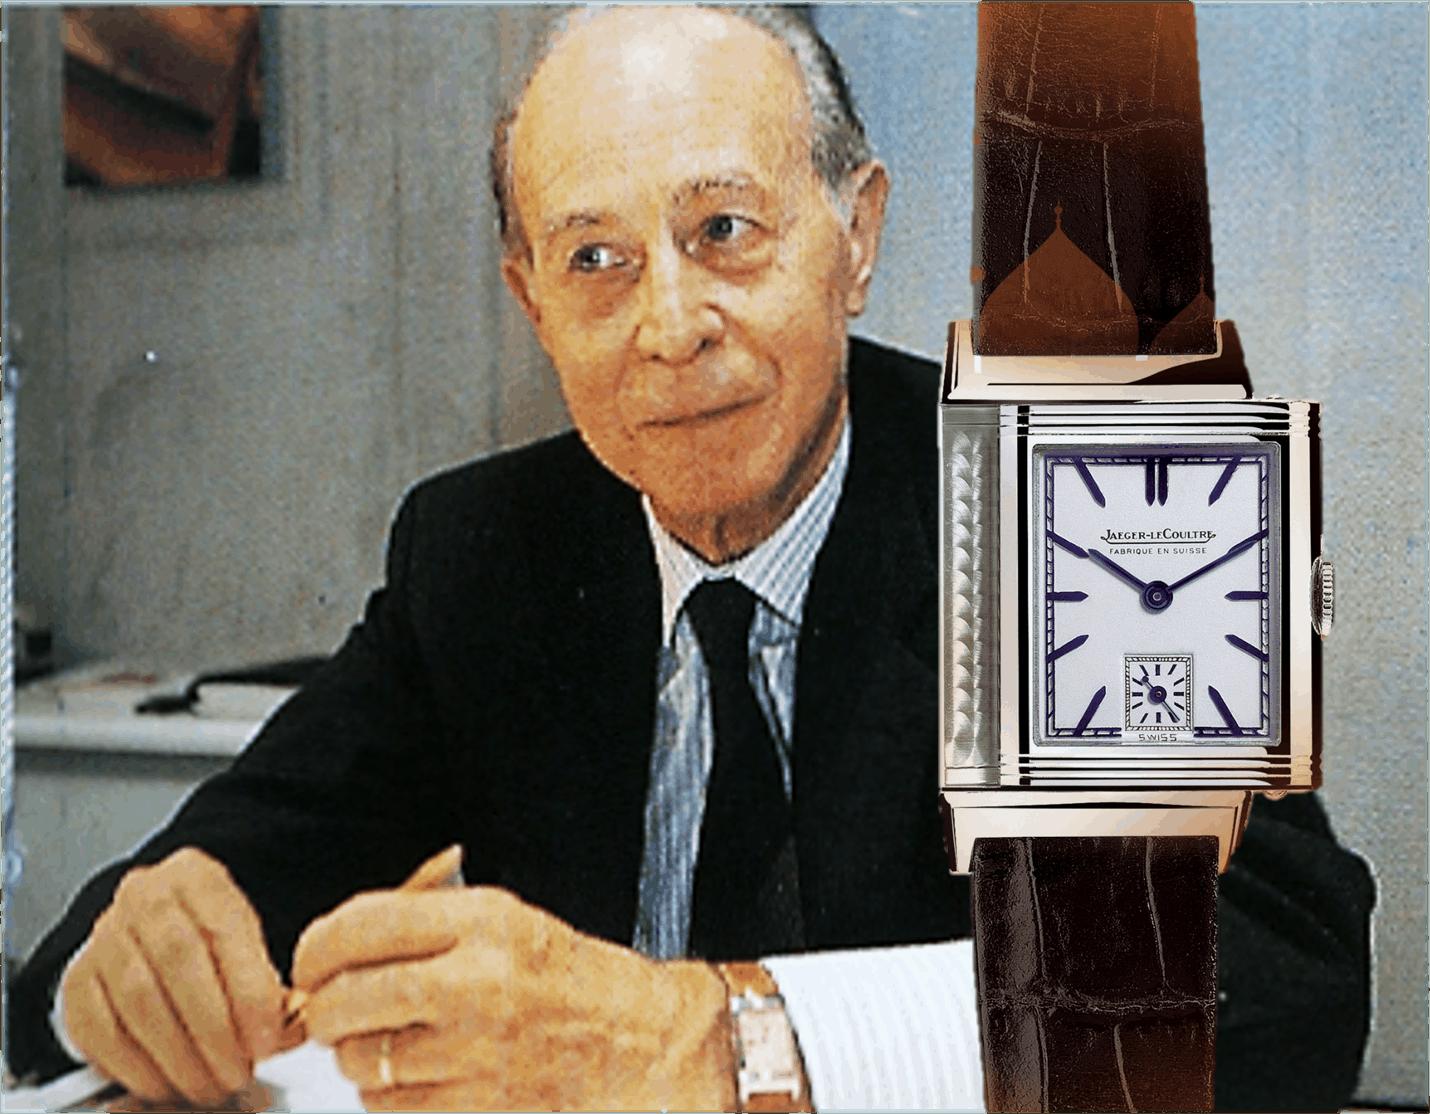 Giorgio Corvo, der italienische Importeur und Agent von Jaeger-LeCoultre leitete die Renaissance der Reverso Uhr ein